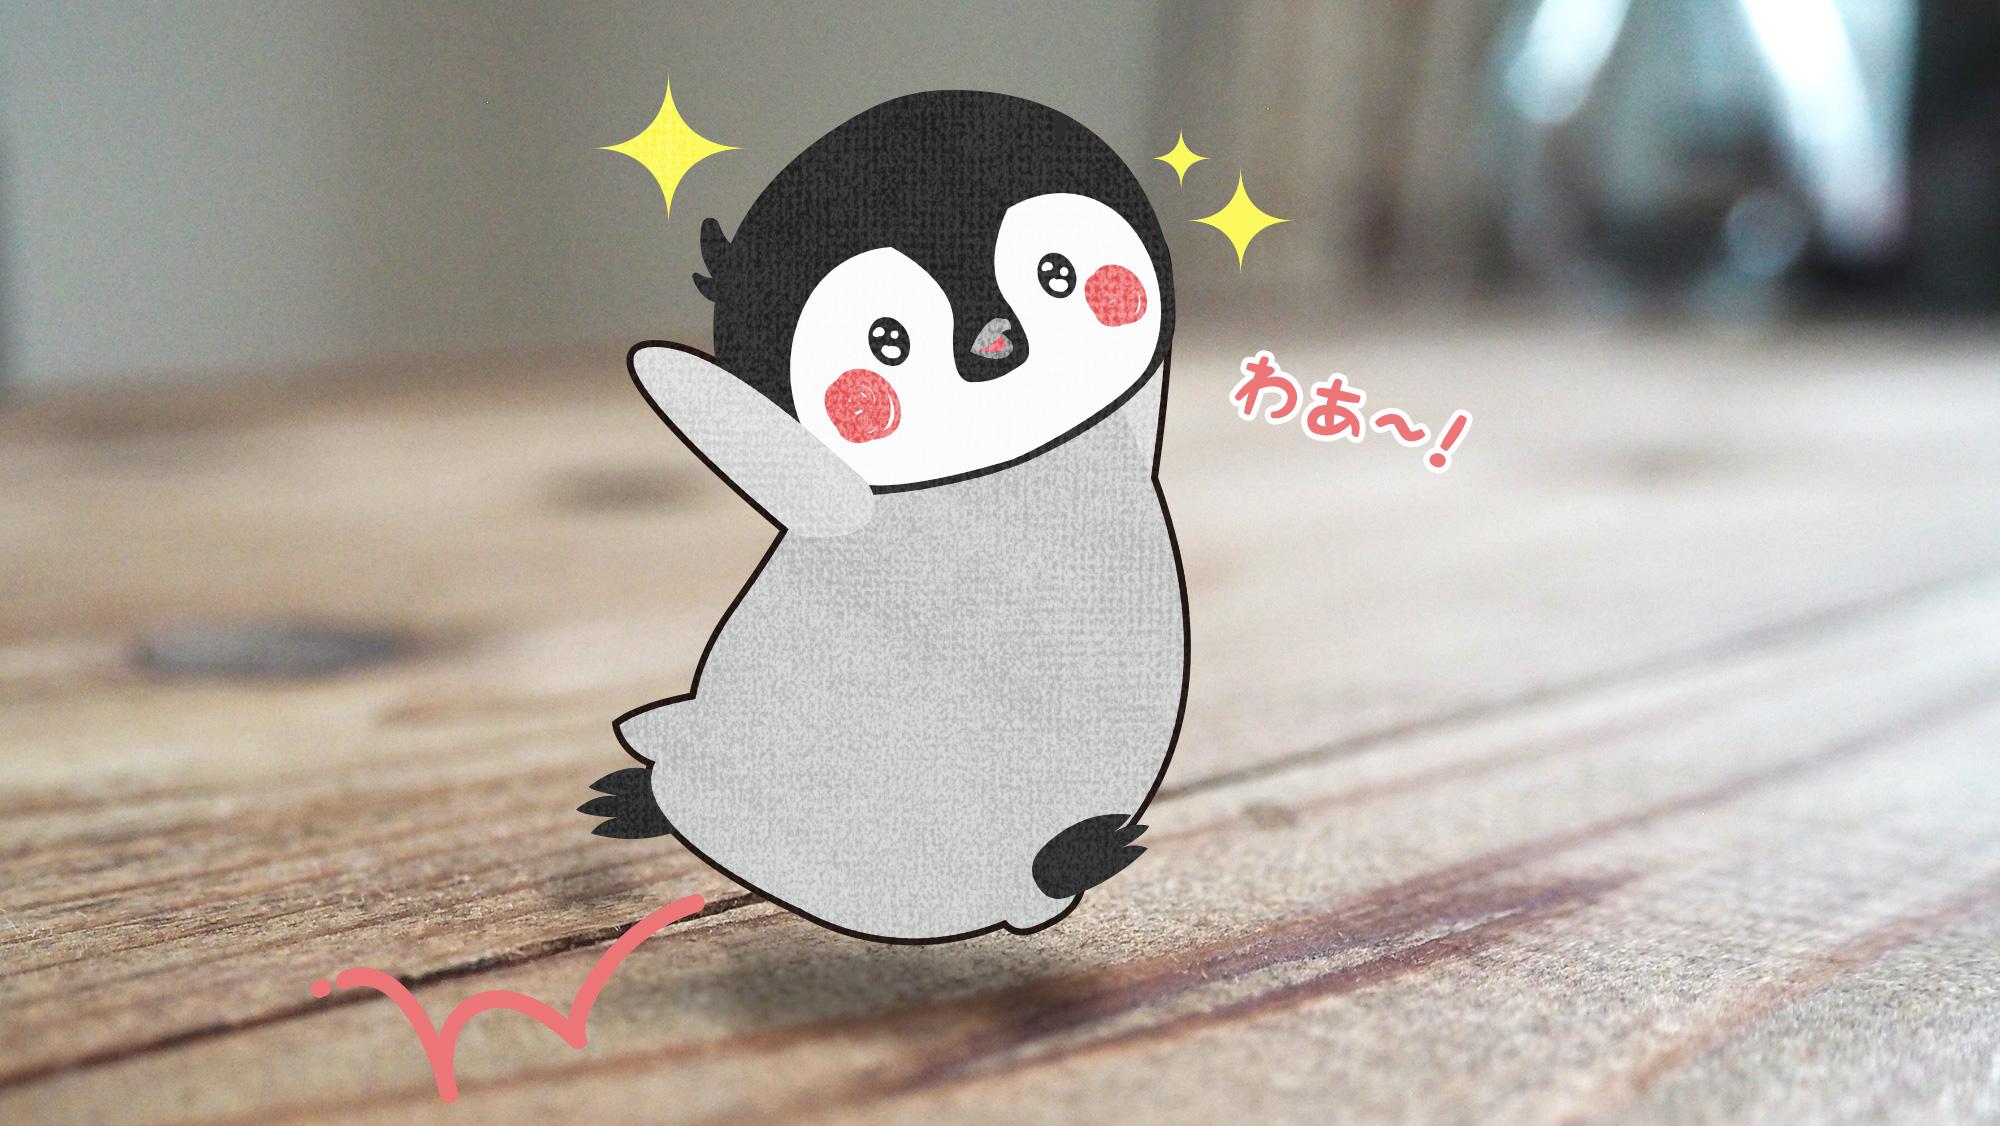 ペンギン キャラクター 【解説】サンリオのペンギンキャラクターの名前は?タキシードサム&...